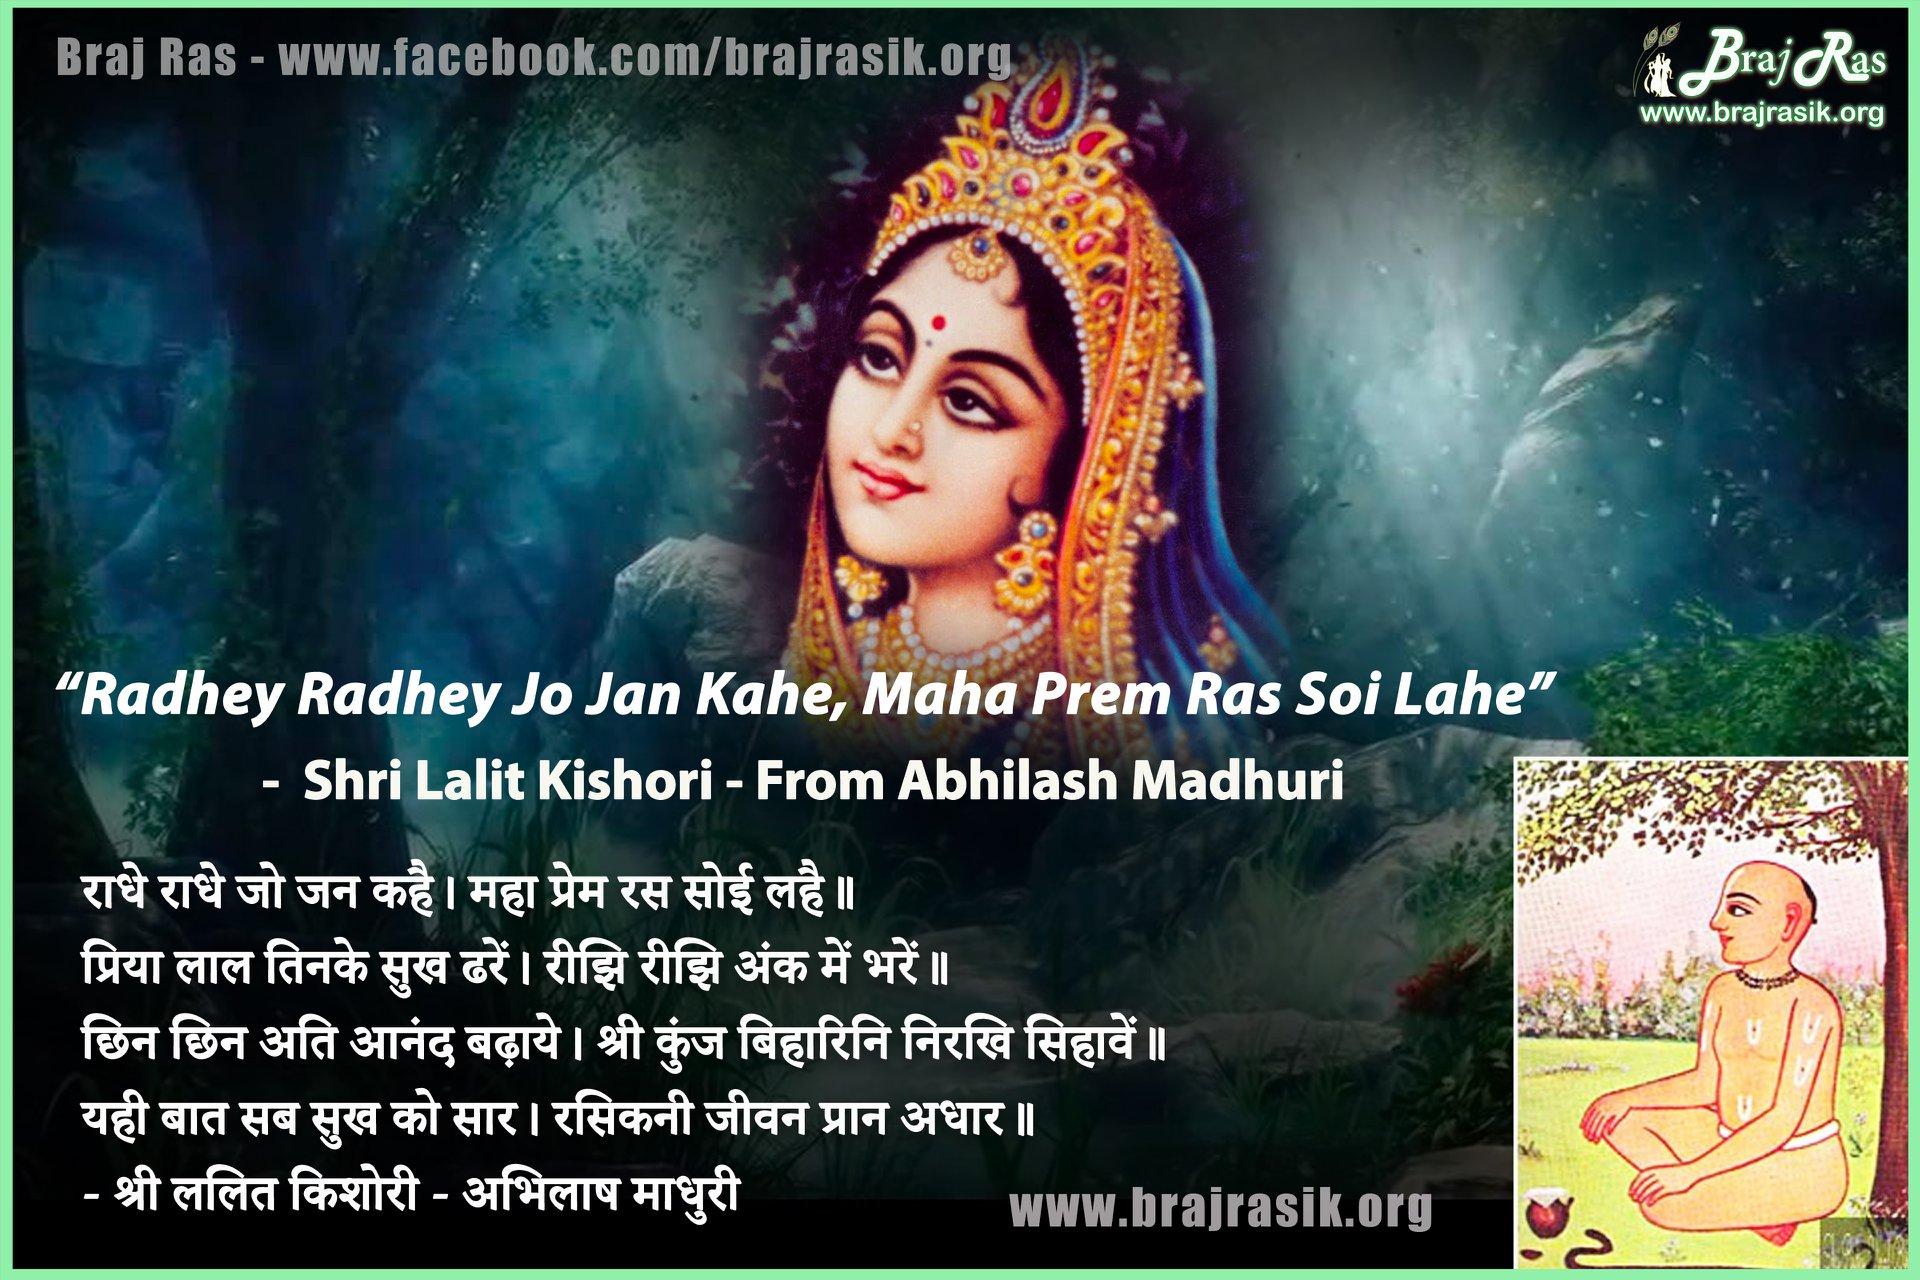 """""""Radhey Radhey Jo Jana Kahe, Maha Prem Ras Soi Lahe"""" - Shri Lalit Kishori, Abhilash Madhuri"""